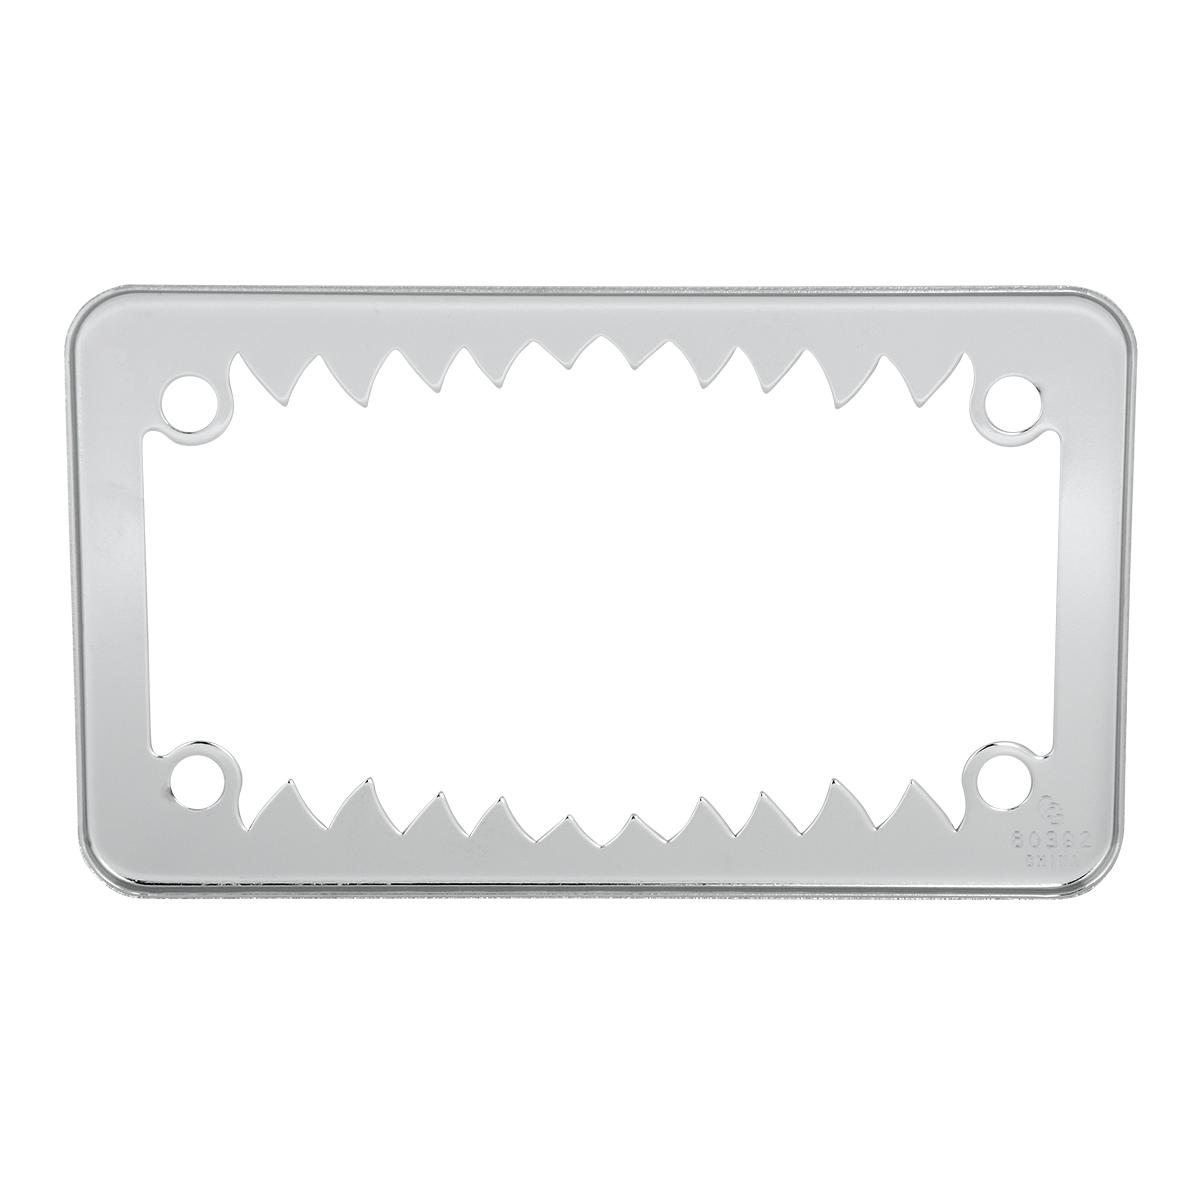 60392 Motorcycle Shark Teeth License Plate Frame